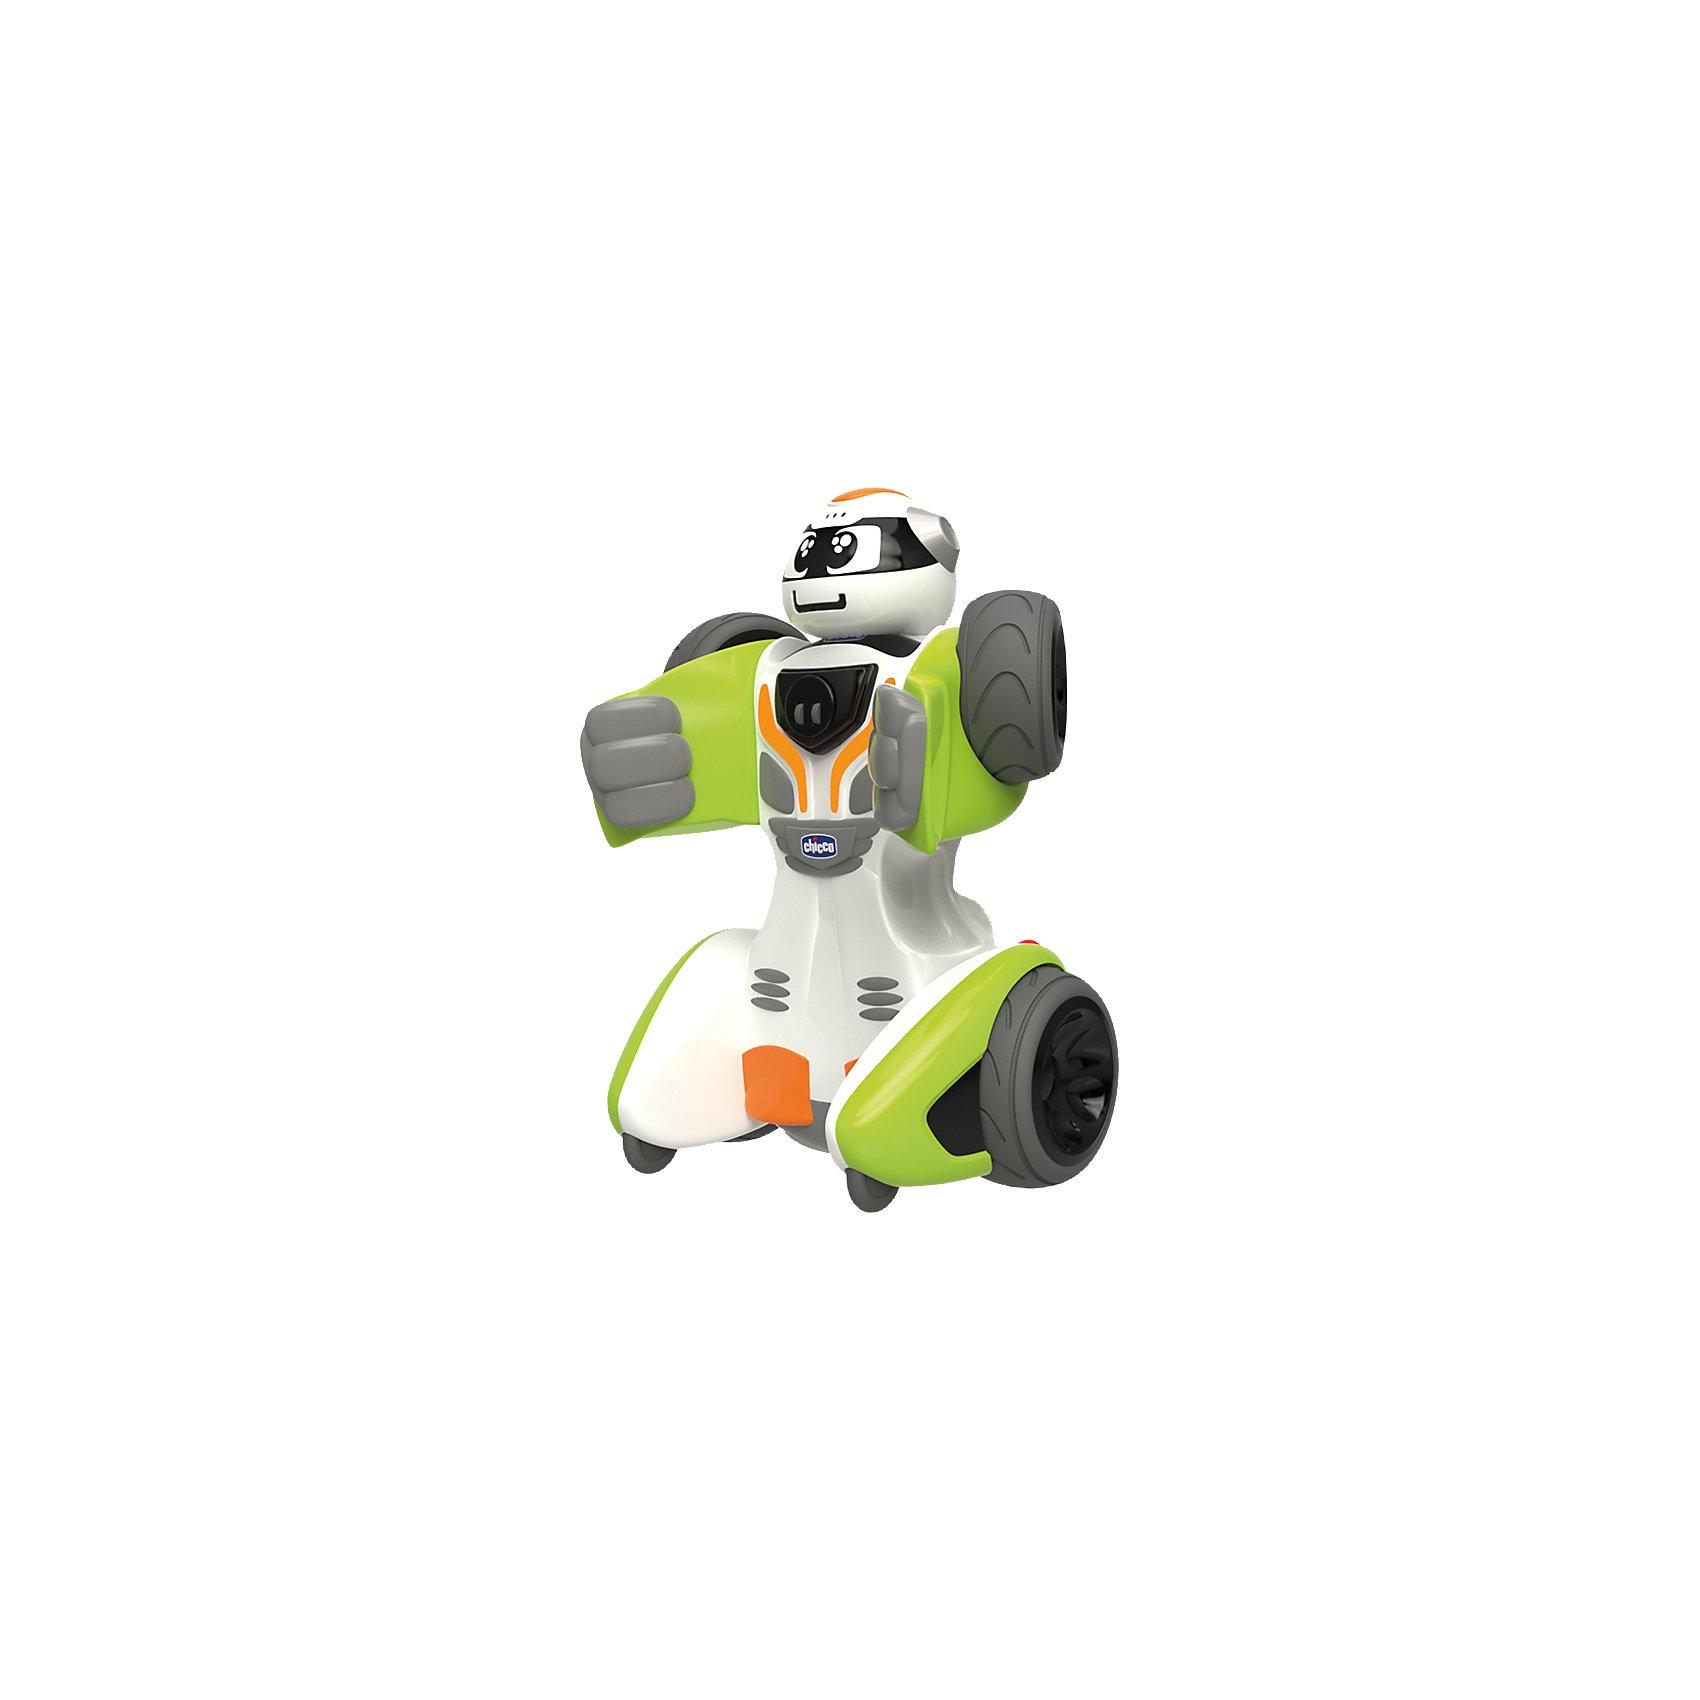 Трансформер RoboChicco, ChiccoИнтерактивные игрушки для малышей<br>Характеристики товара:<br><br>• возраст от 2 лет;<br>• материал: пластик;<br>• в комплекте: машинка, пульт;<br>• пульт работает от 3 батареек ААА, машинка от 4 батареек АА (батарейки в комплект не входят);<br>• размер игрушки 23х17х12 см;<br>• размер упаковки 30х29х17,8 см;<br>• вес упаковки 1,8 кг;<br>• страна производитель: Китай. <br><br>Трансформер «RoboChicco» Chicco — необычная игрушка, которая трансформируется из обычной машинки в могущественного робота. Трансформация осуществляется при помощи простых движений, а в процессе у малыша развиваются мелкая моторика рук и логическое мышление. Игрушка управляется пультом управления, при помощи которого активируются звуковые и световые эффекты, движения автомобиля. Игрушка выполнена из качественного безопасного материала.<br><br>Трансформер «RoboChicco» Chicco можно приобрести в нашем интернет-магазине.<br><br>Ширина мм: 343<br>Глубина мм: 307<br>Высота мм: 190<br>Вес г: 1460<br>Возраст от месяцев: 24<br>Возраст до месяцев: 60<br>Пол: Мужской<br>Возраст: Детский<br>SKU: 4642245